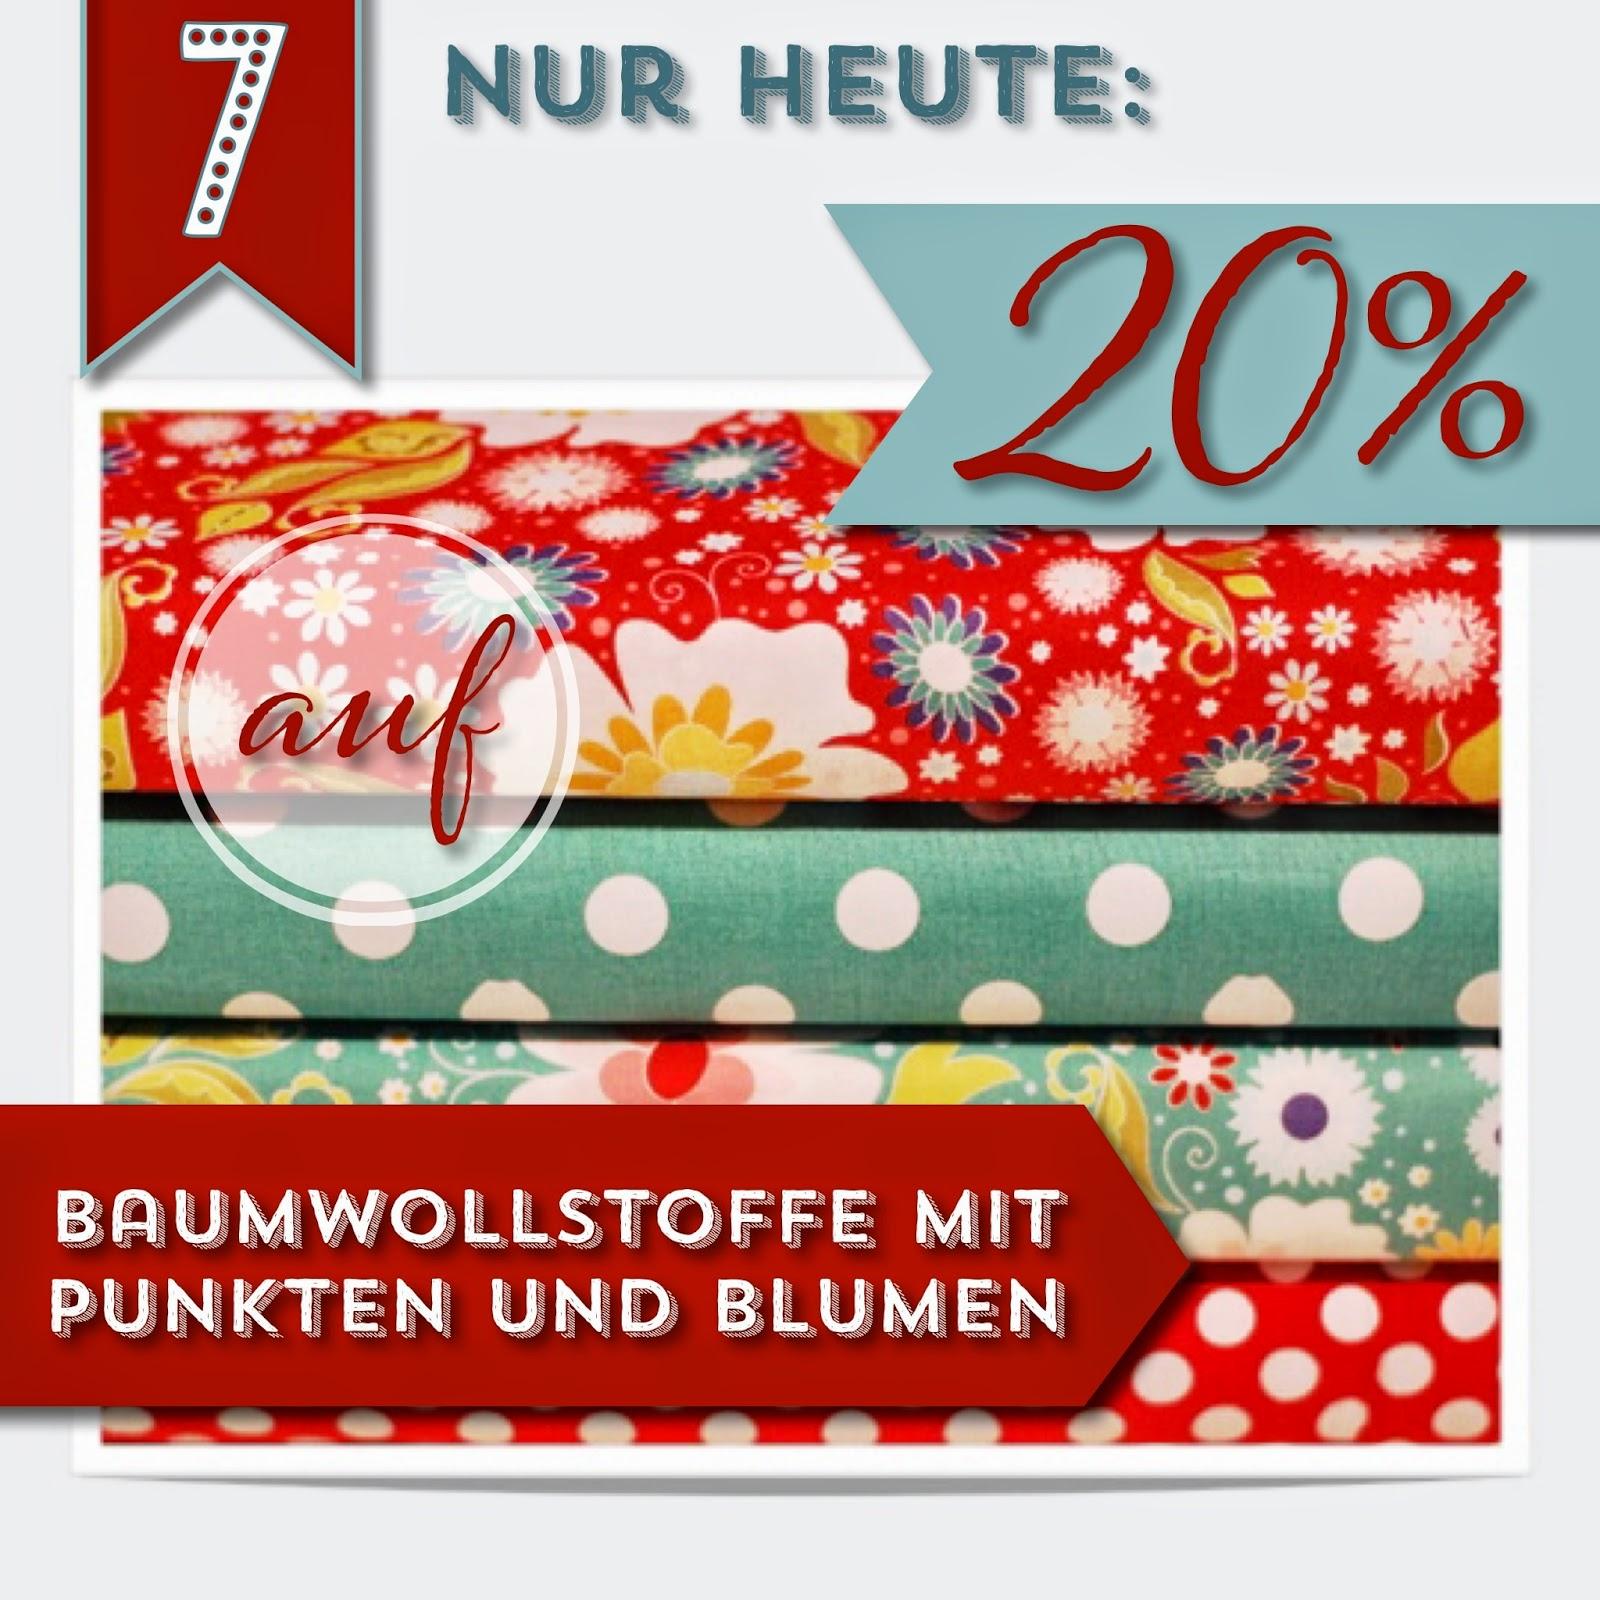 Türchen N°7 im Adventsmirakel: 20% auf Baumwollstoffe mit Punkten & Blumen! 2